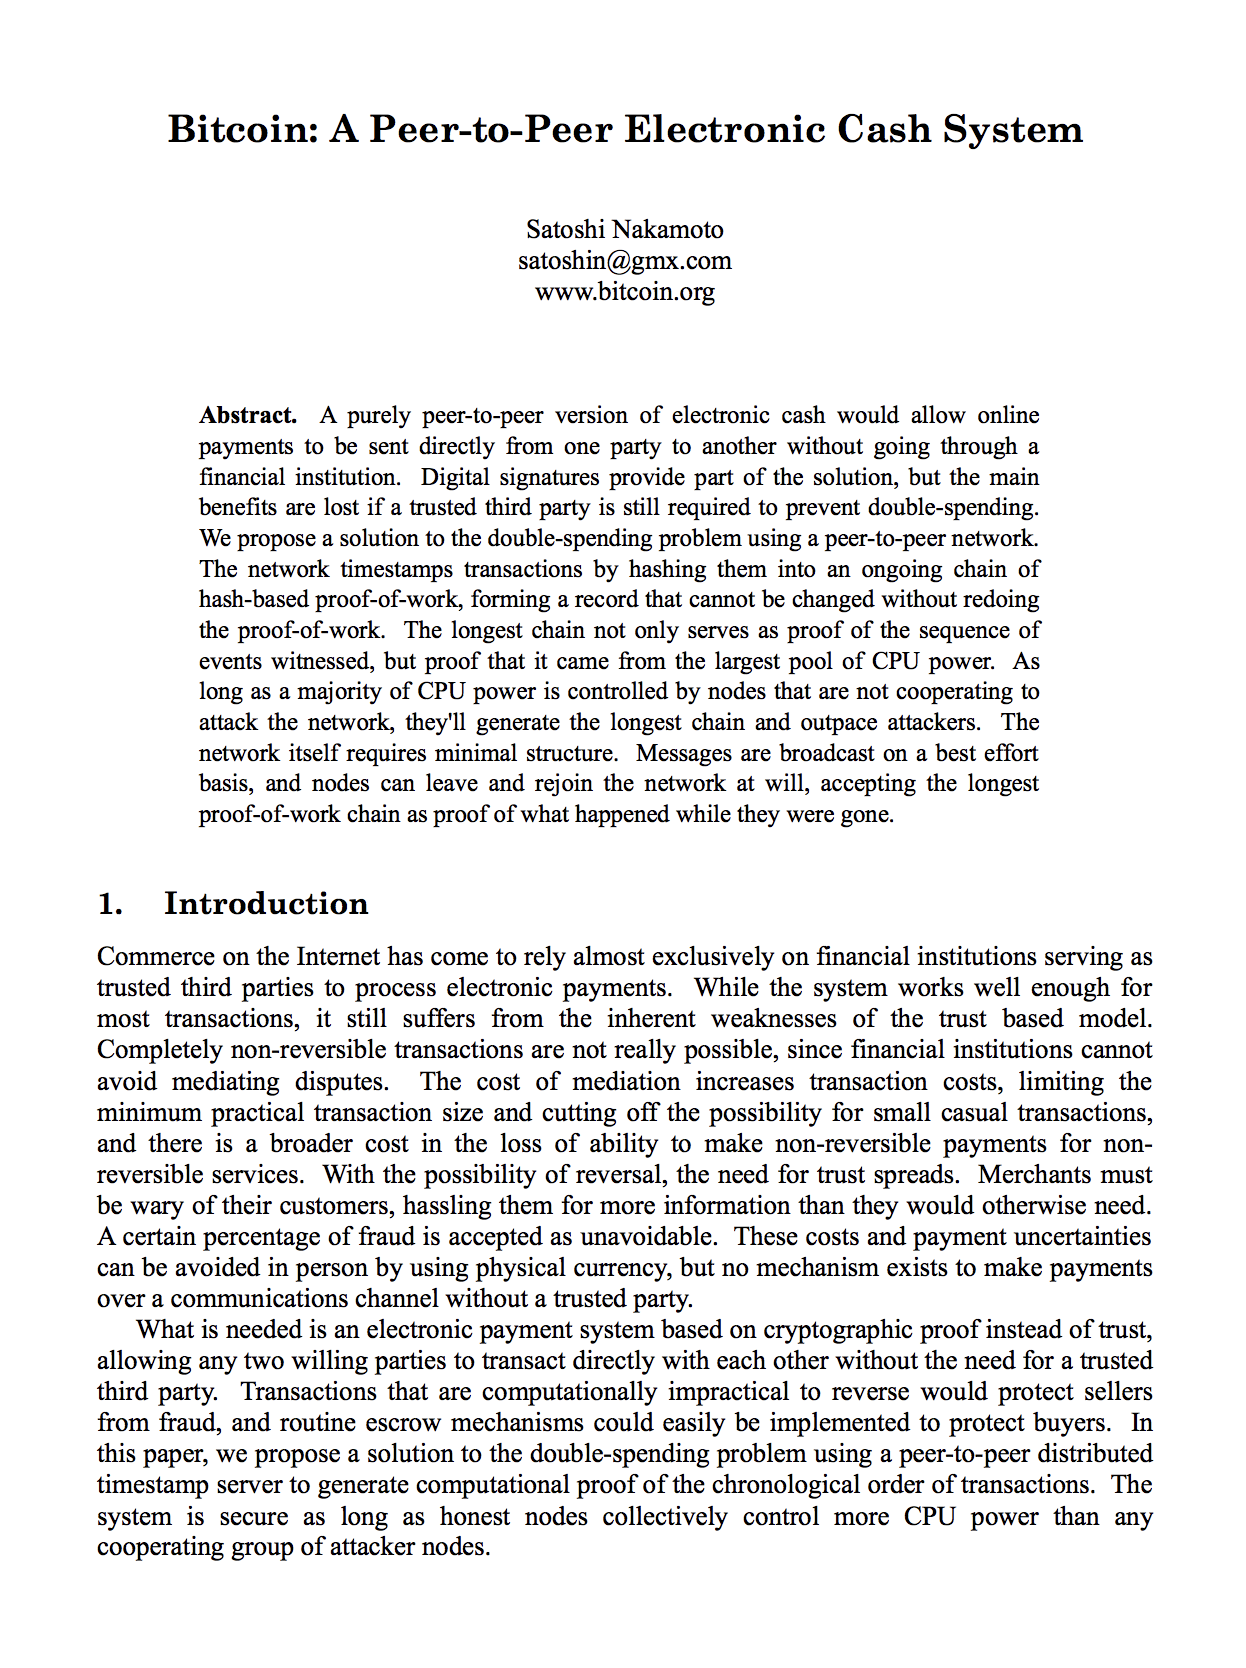 仮想通貨ビットコインの創始者サトシ・ナカモトが書いた論文